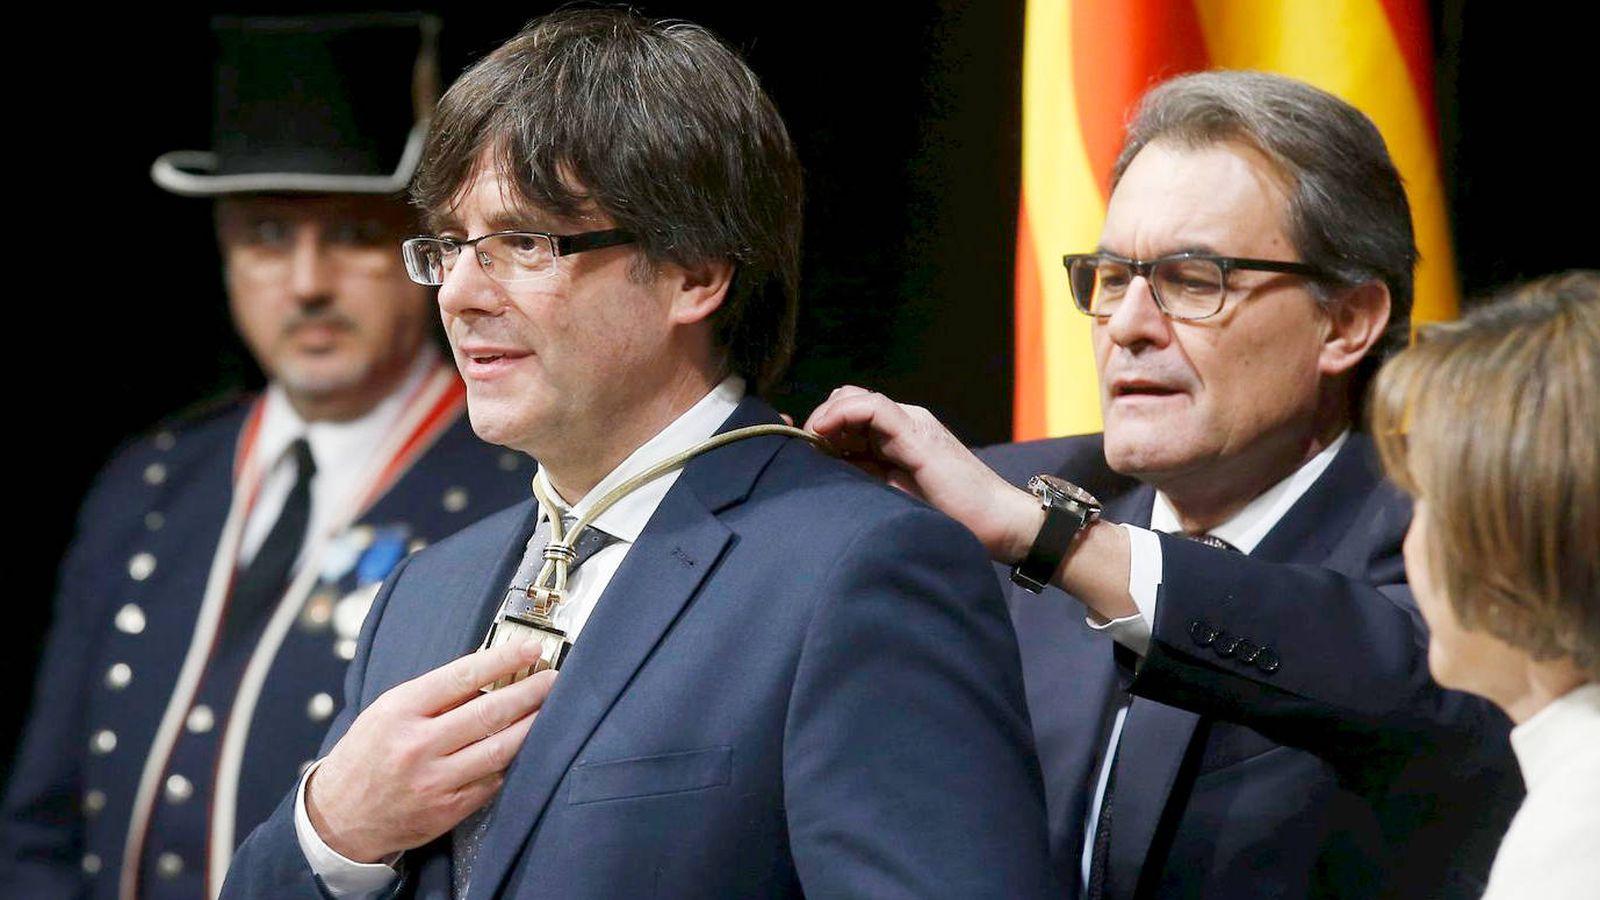 Foto: Puigdemont durante la ceremonia de investidura, con Artur Mas a sus espaldas, en enero de 2016. (Reuters)